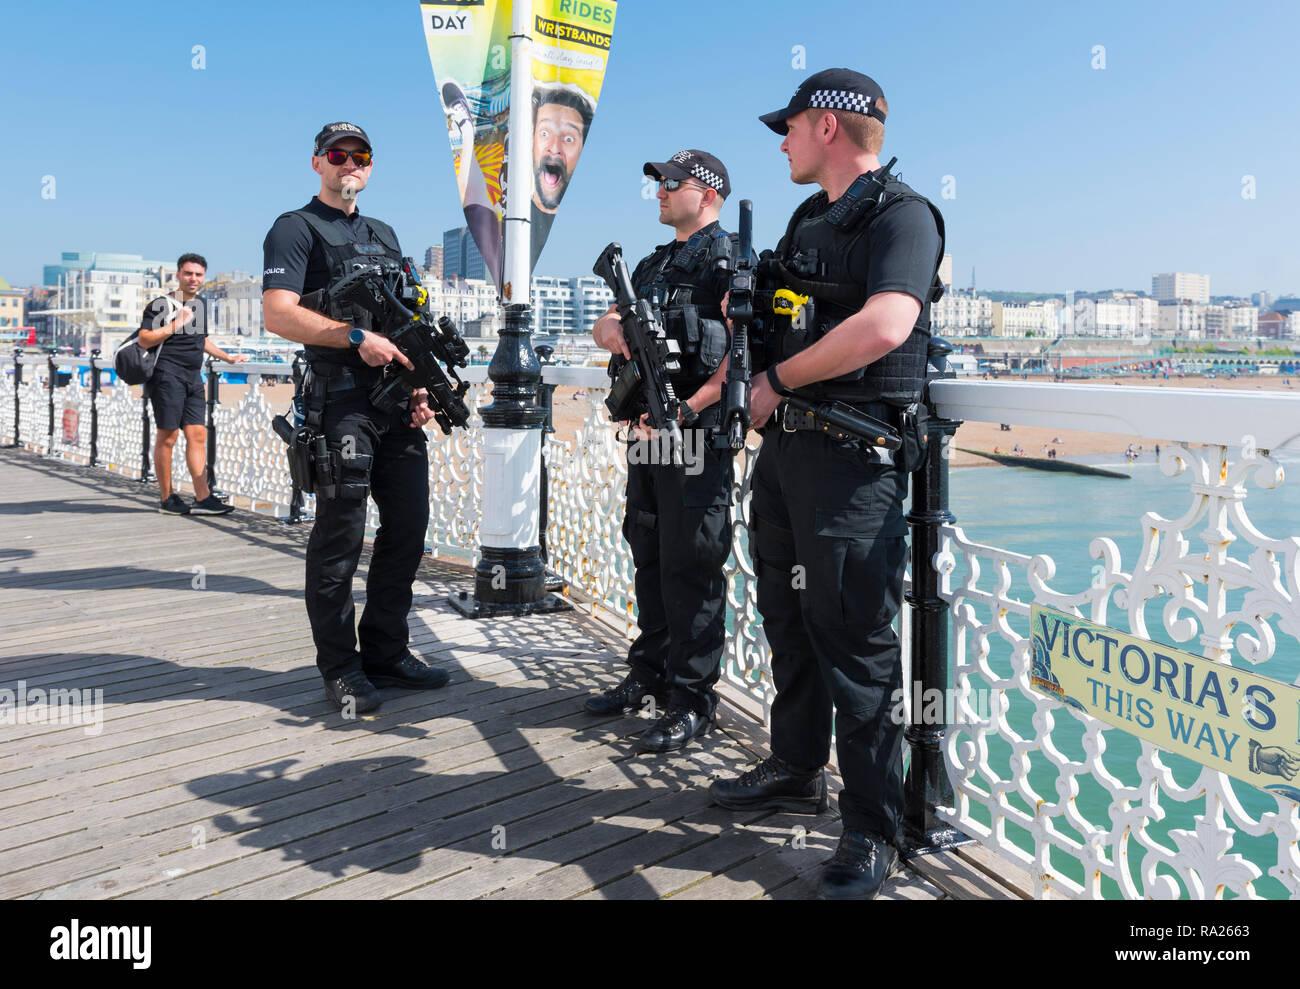 Poliziotti armati pattugliano il Brighton Pier in primavera nel Regno Unito. Polizia britannica che trasportano le pistole al mare. La polizia che trasportano le pistole UK. Immagini Stock